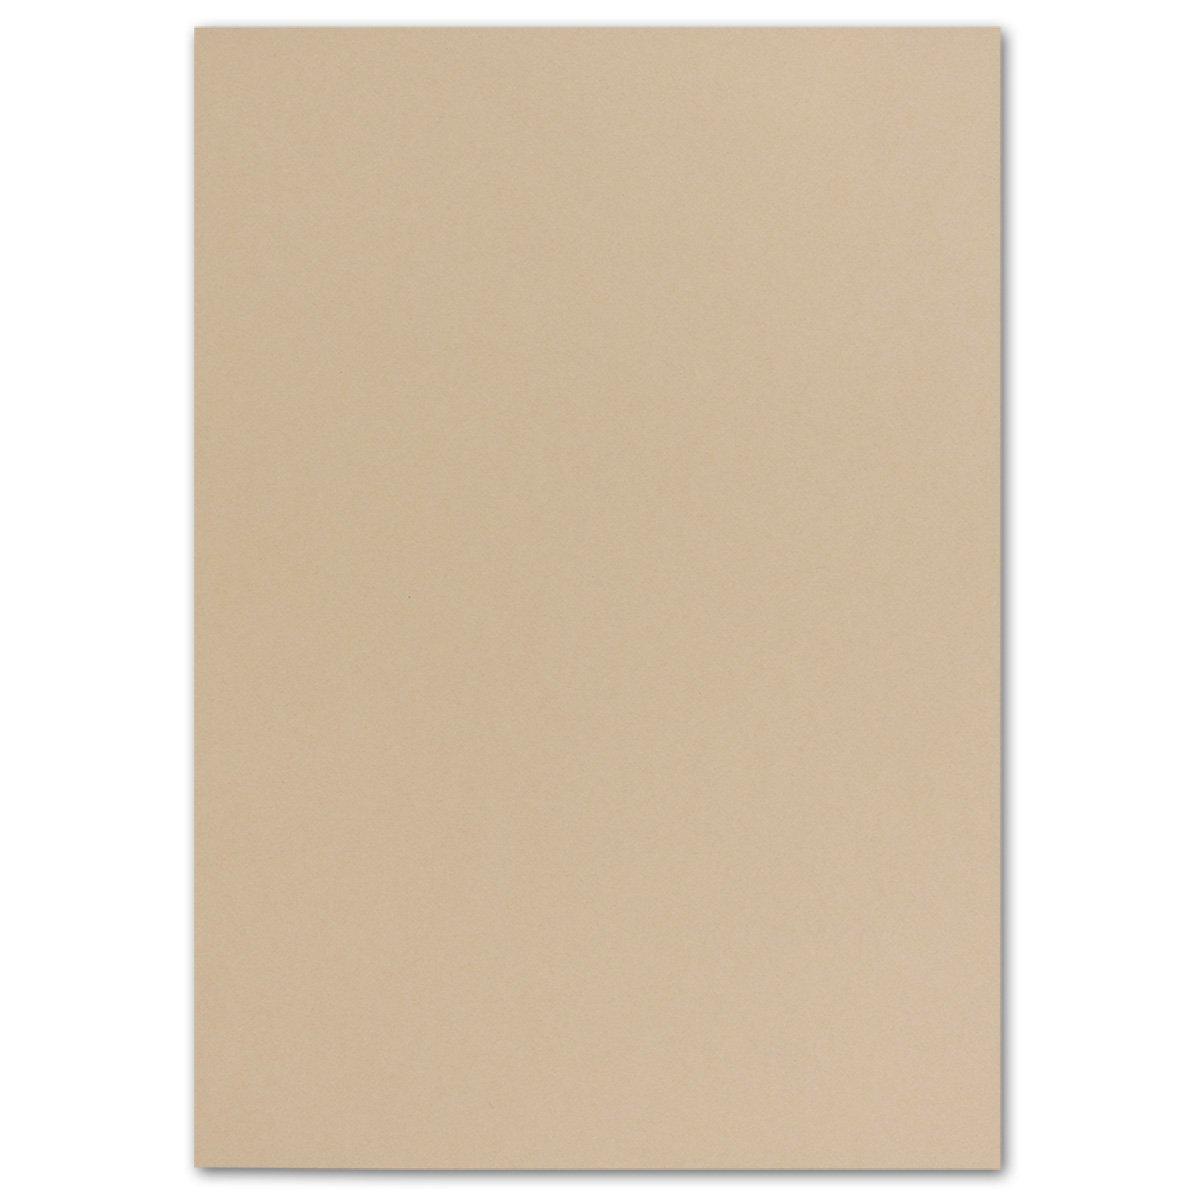 ColoreenFroh - Fogli di carta formato A4, 160 160 160 g m2 250 fogli 54-Karamel | Credibile Prestazioni  | Una Grande Varietà Di Merci  | Della Qualità  | Ordini Sono Benvenuti  | Superficie facile da pulire  | Elegante e solenne  | Per Vincere Elogio Caldo 9503f4